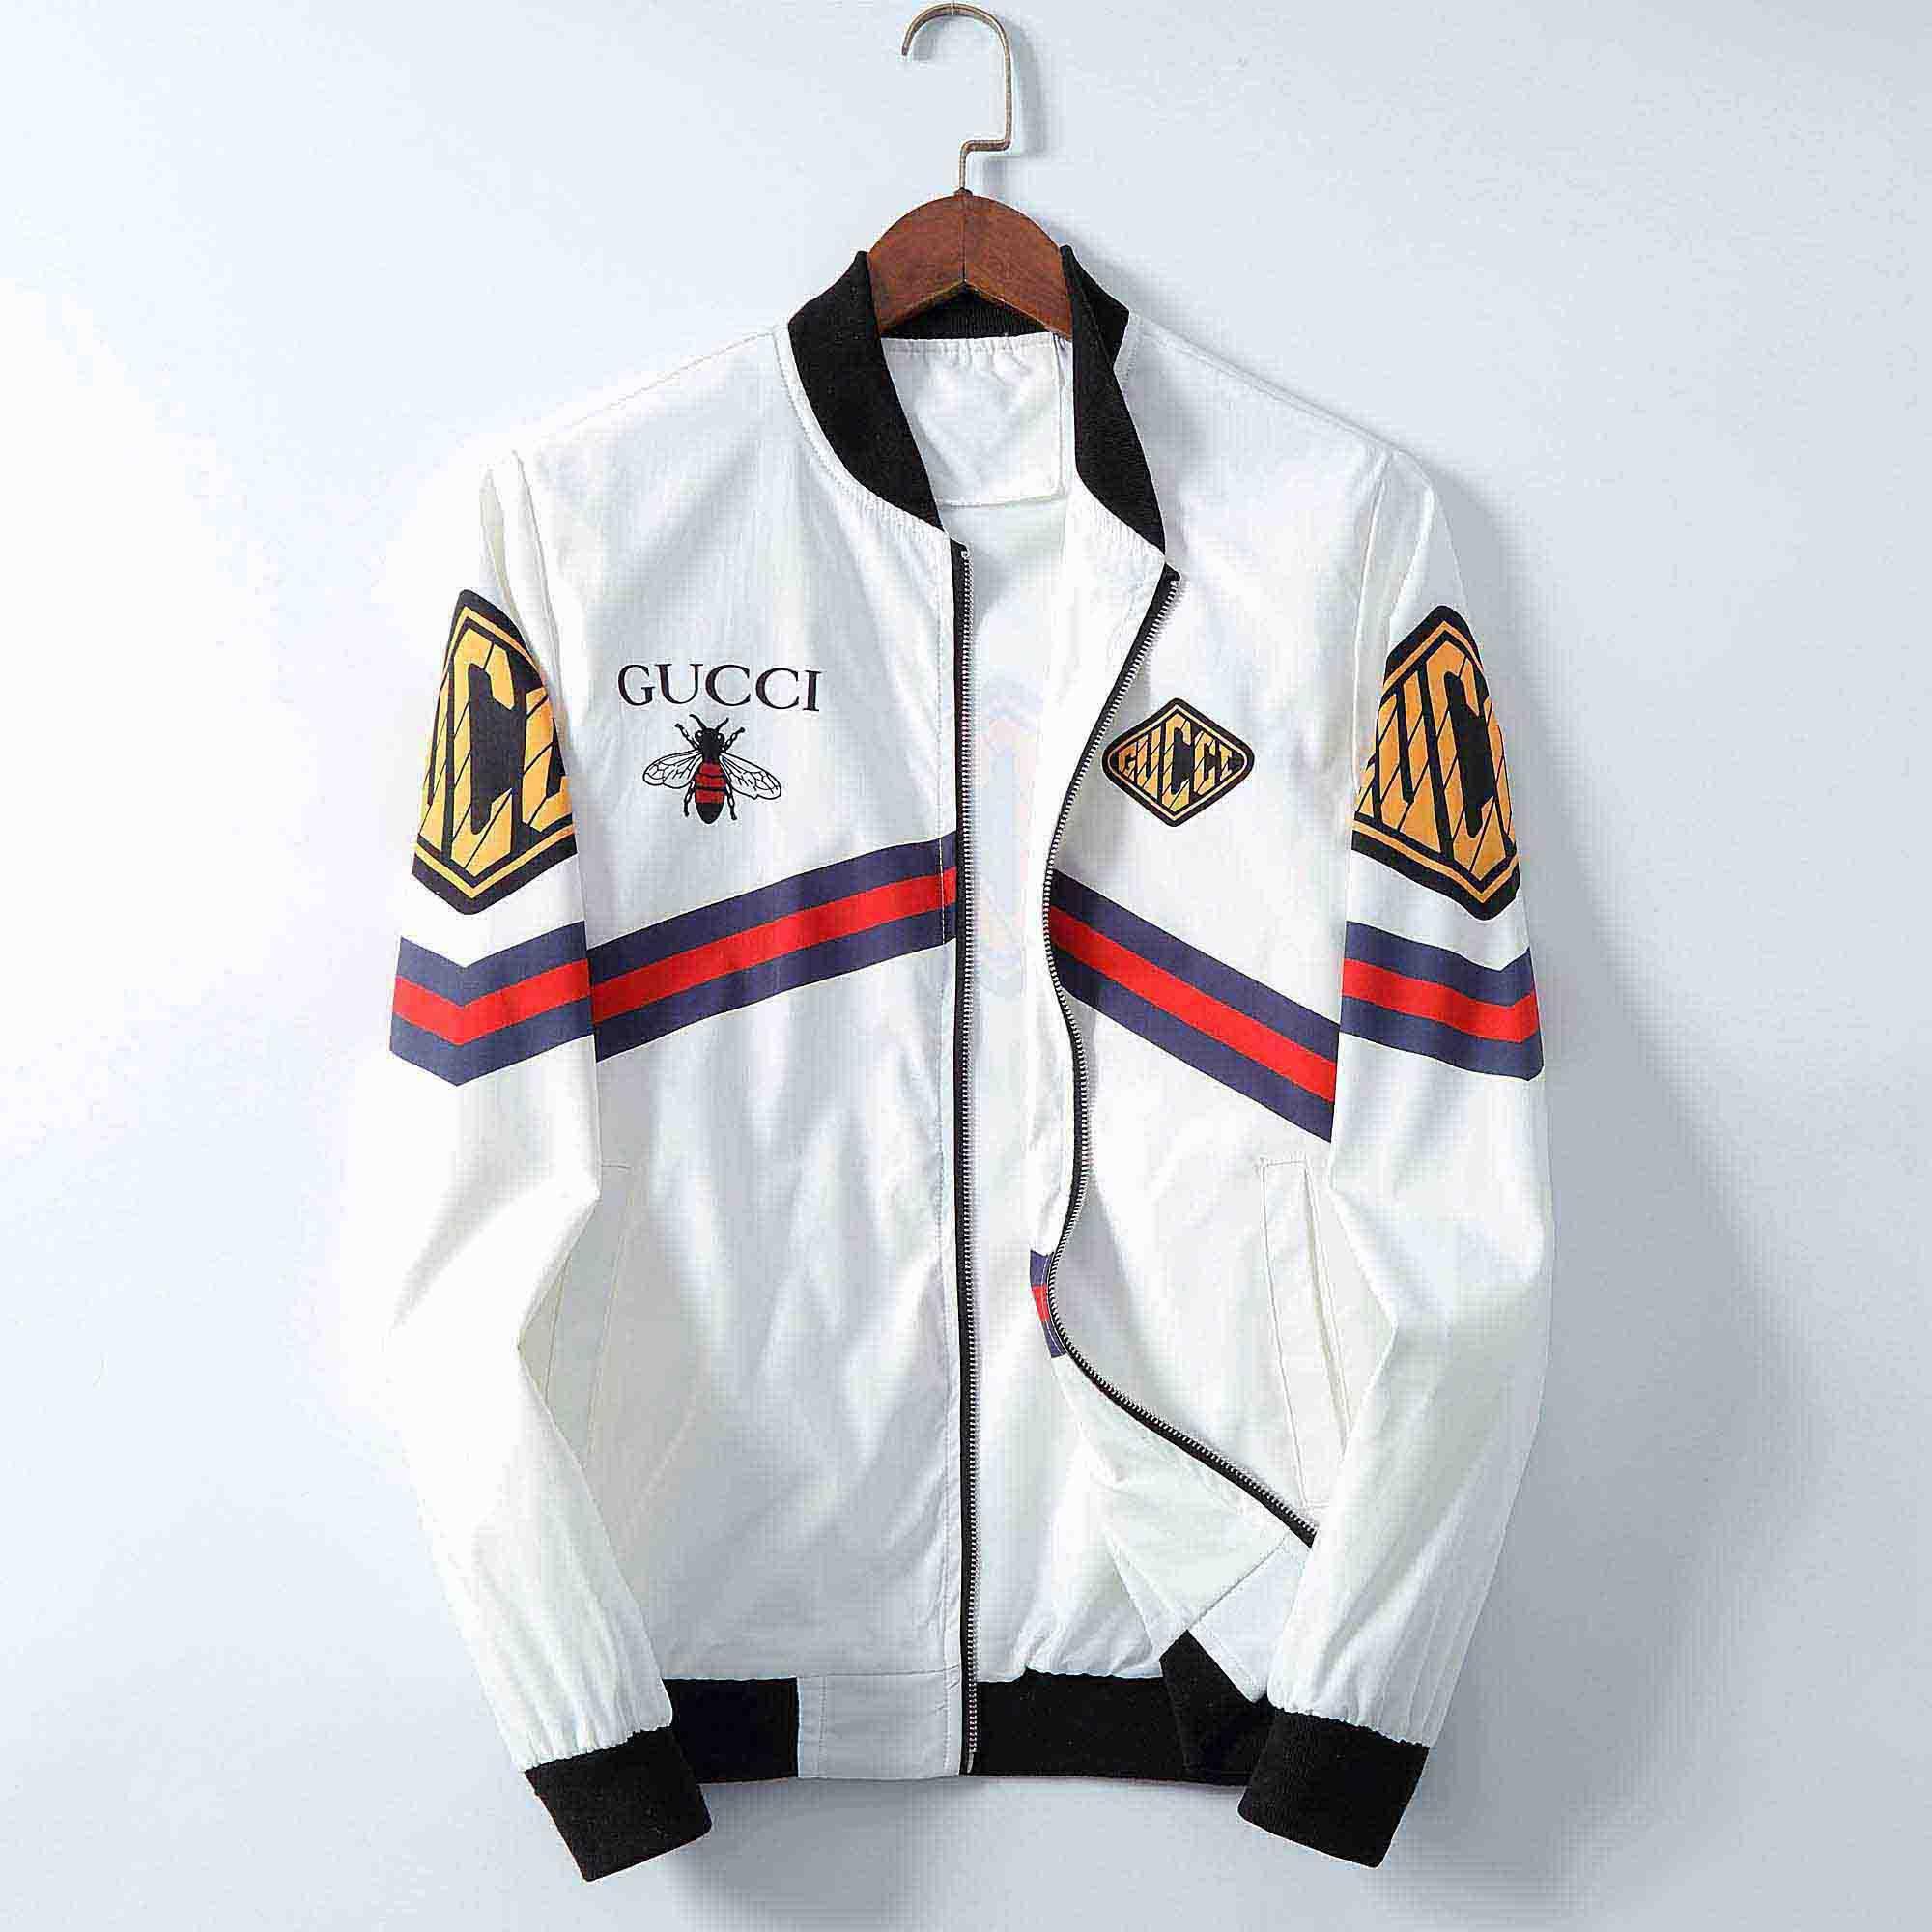 Großhandel 2020 Jacke der Männer Mode Persönlichkeit gedruckte Stickerei Mantel Medusa Jacke lose Stehkragen Strickjacke Reißverschluss Männer Mantel